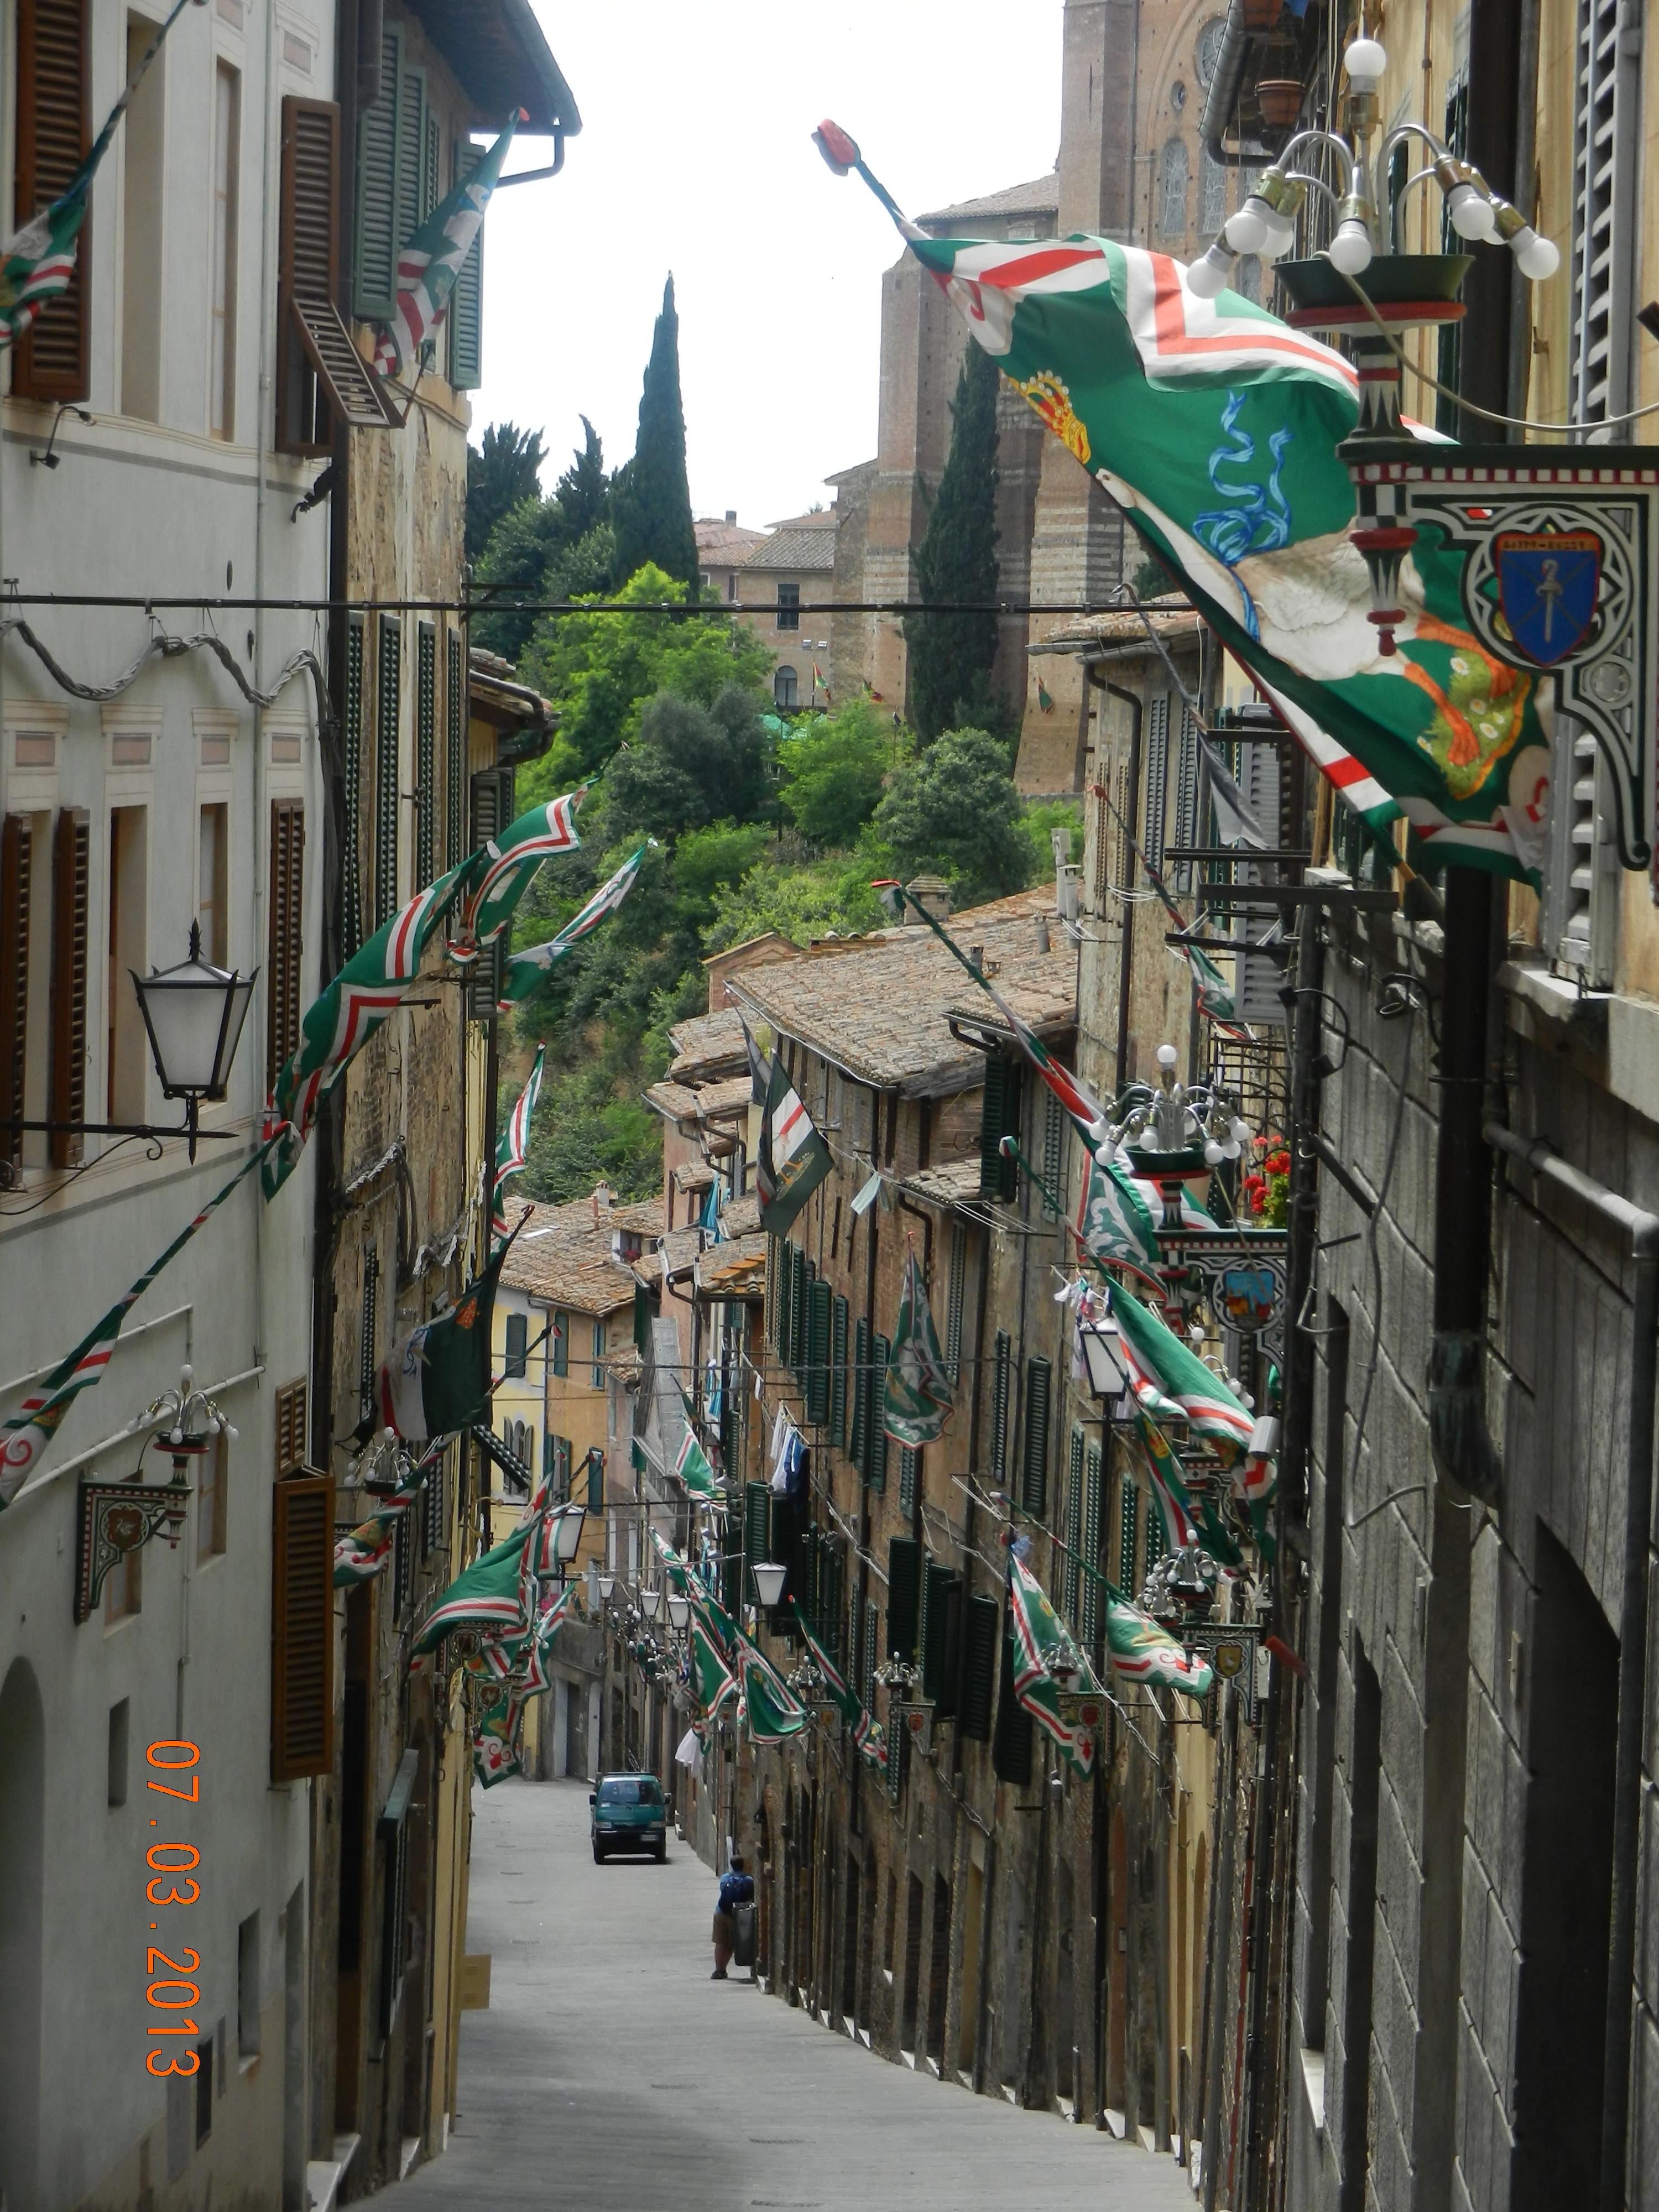 Siena, (Tuscany)